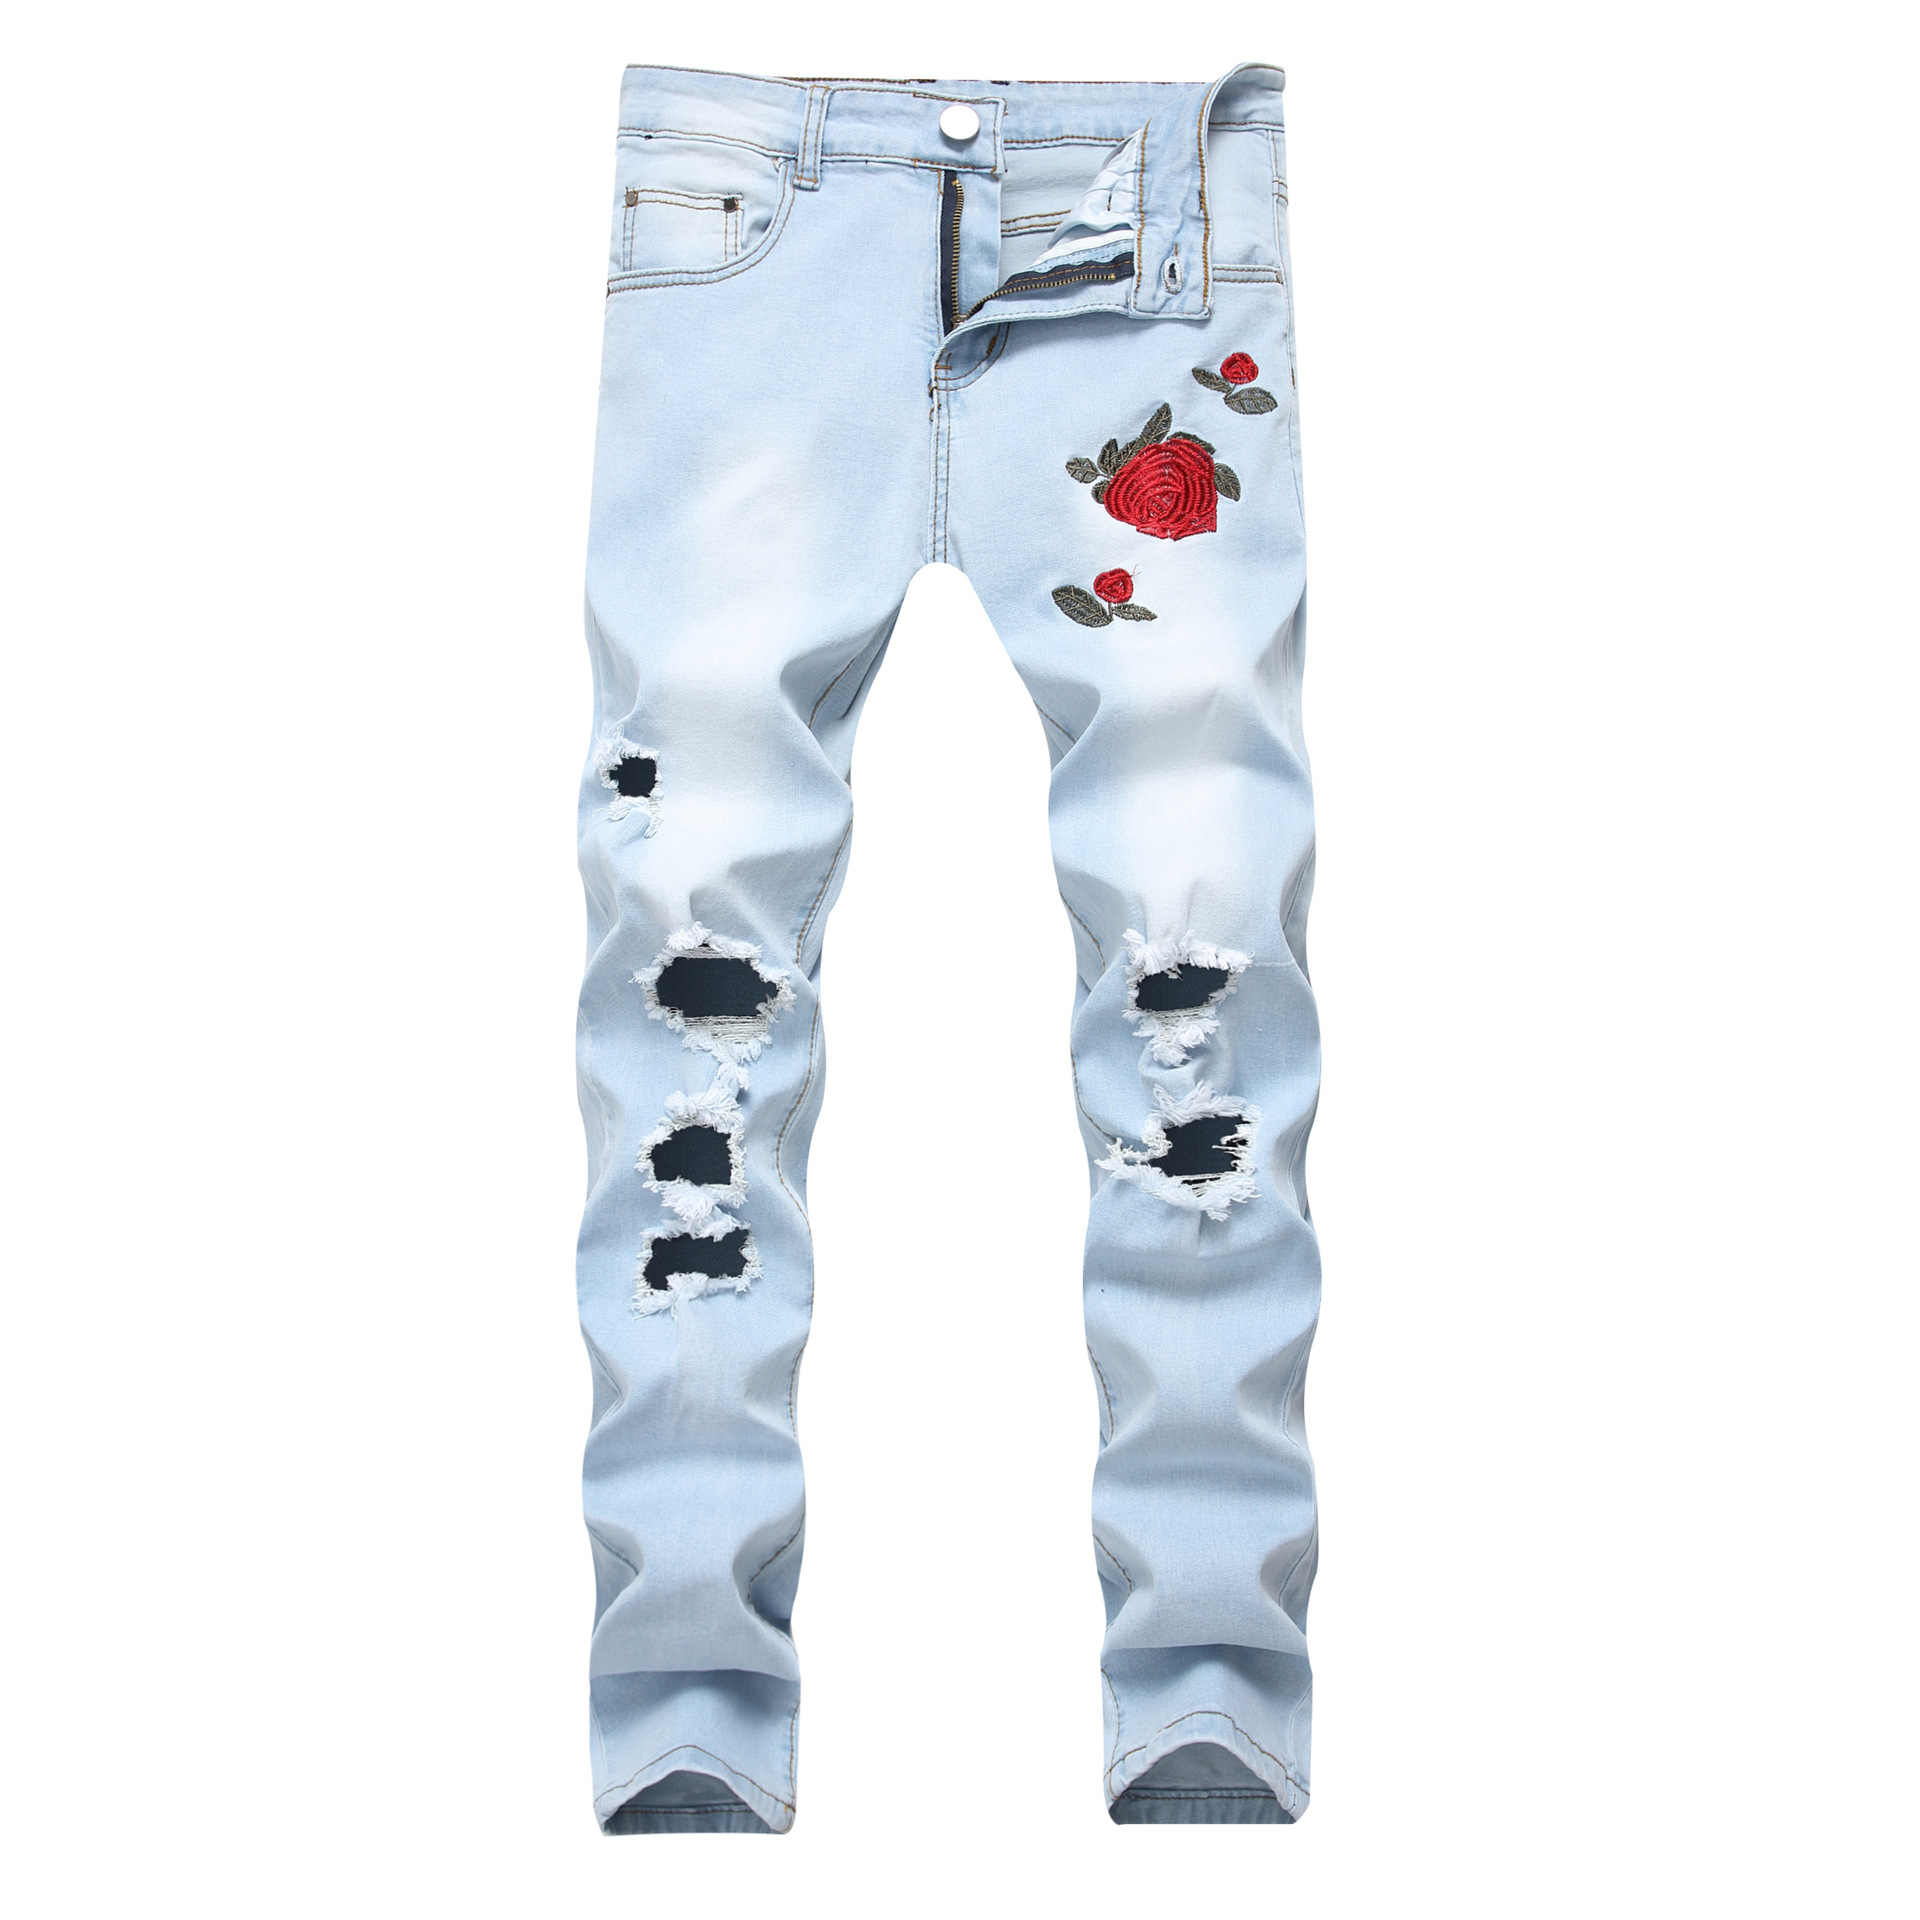 QUANBO 8 цветов мужские рваные джинсы 2019 новые модные мужские джинсы с вышивкой светло-голубые узкие Стрейчевые джинсовые узкие брюки 42